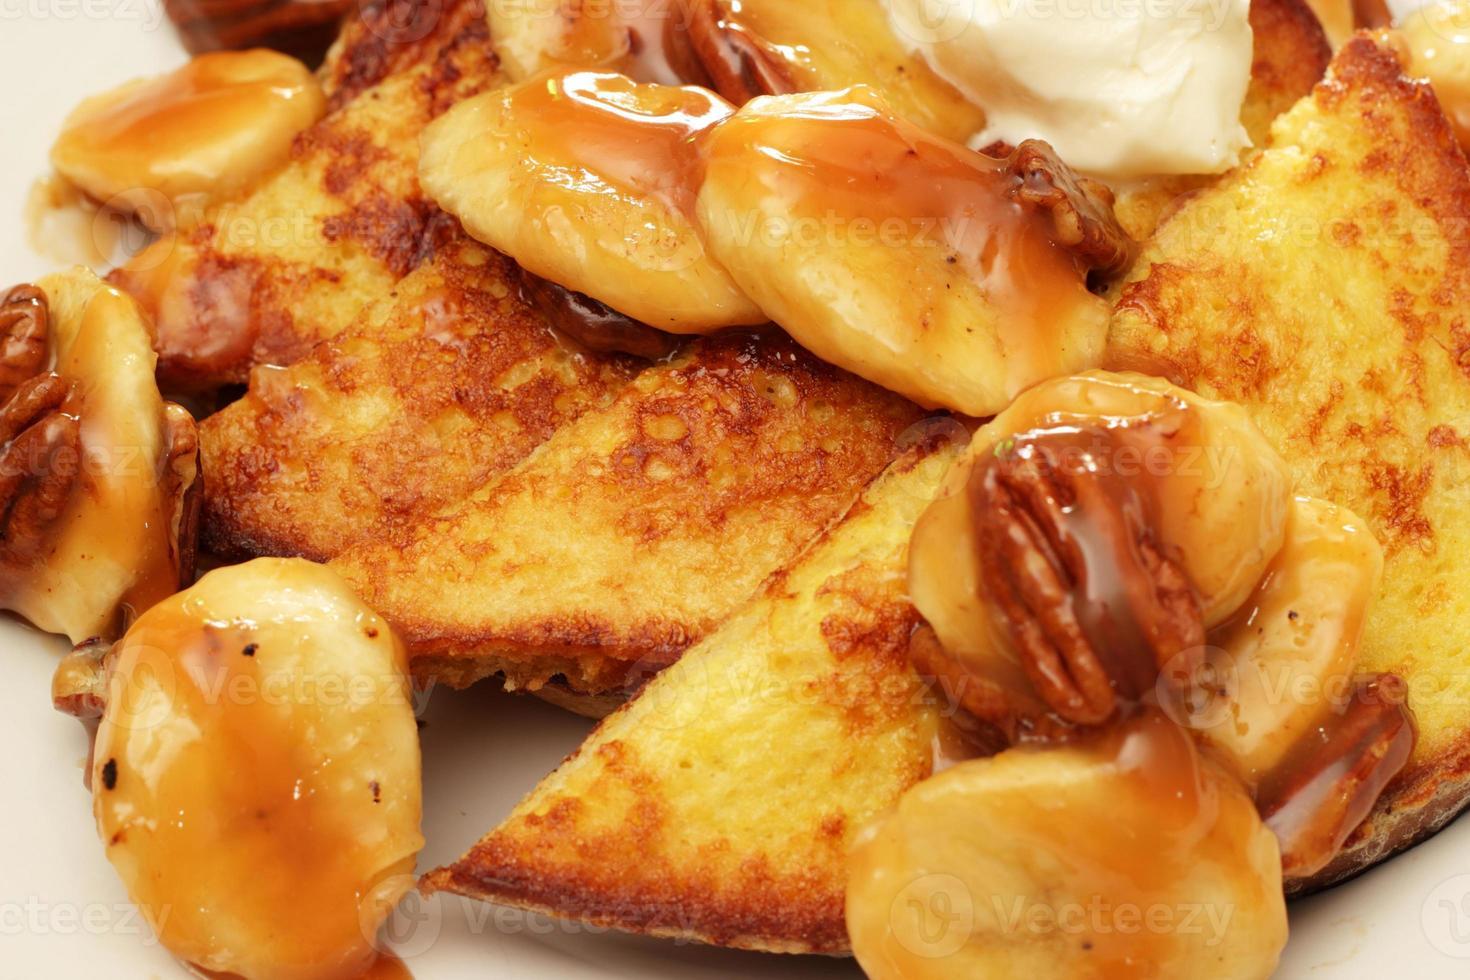 les bananes favorisent le toast français photo